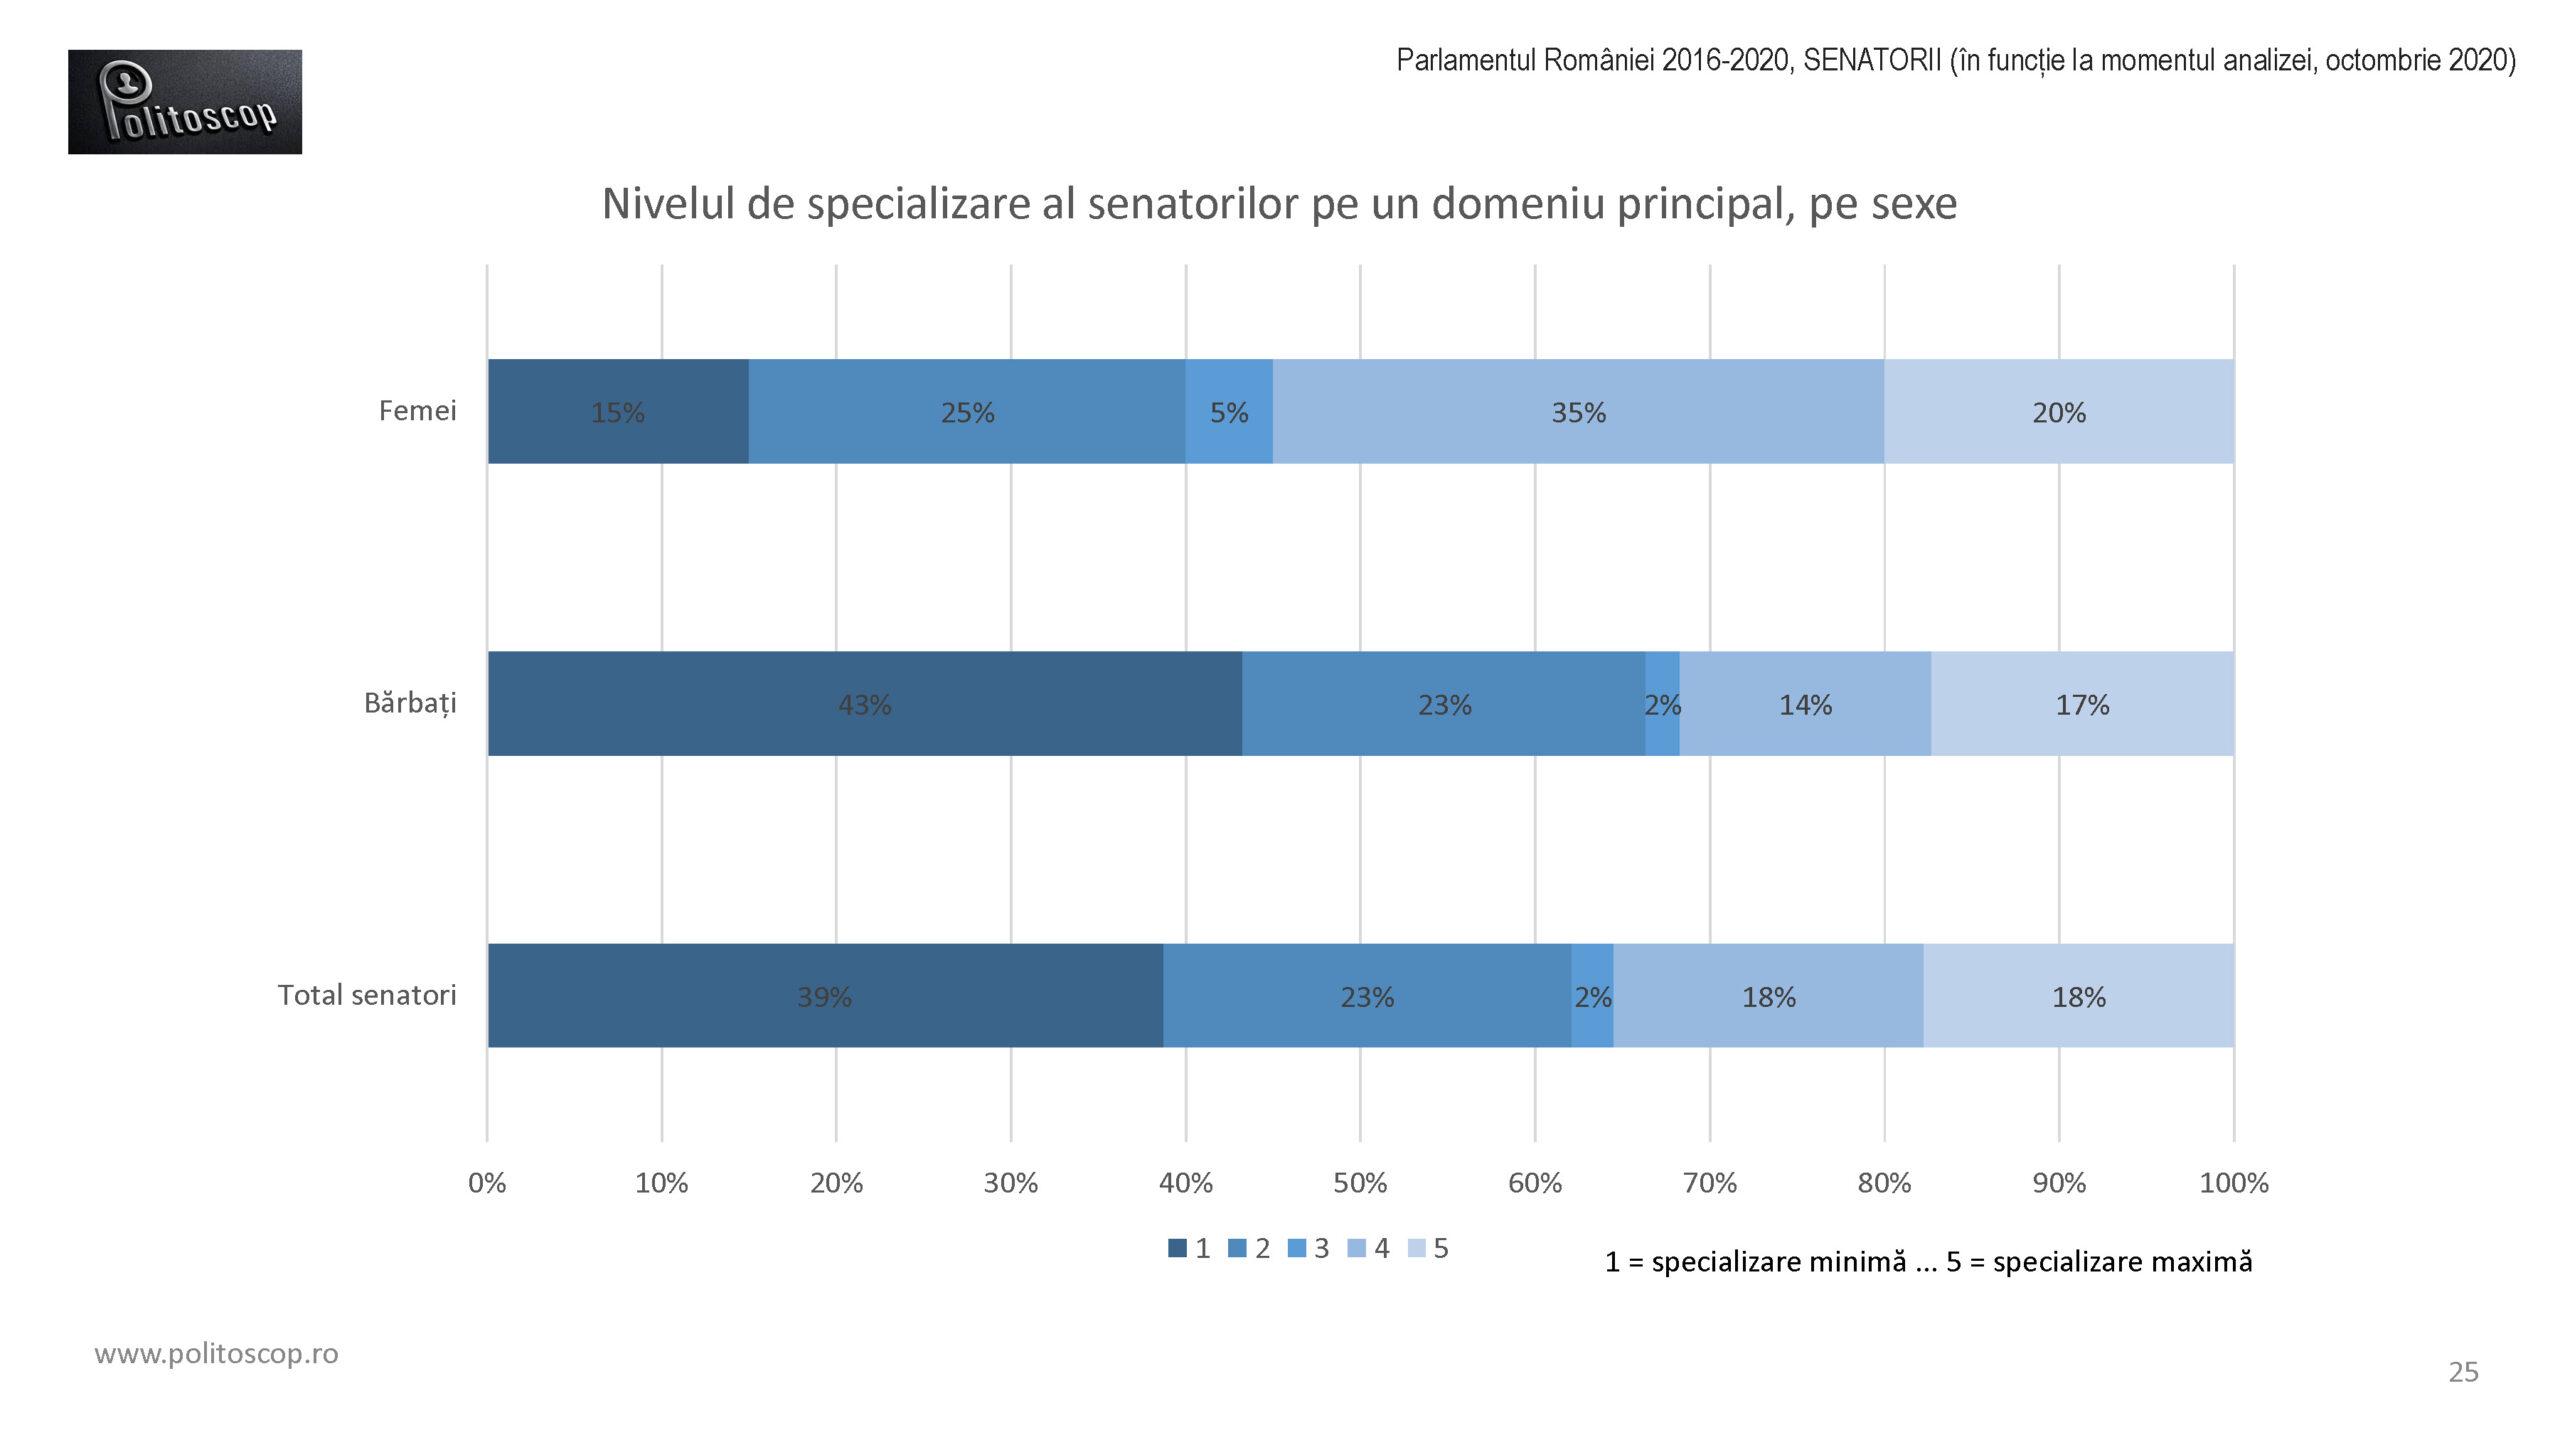 Politoscop - specializarea senatorilor romani 2016-20